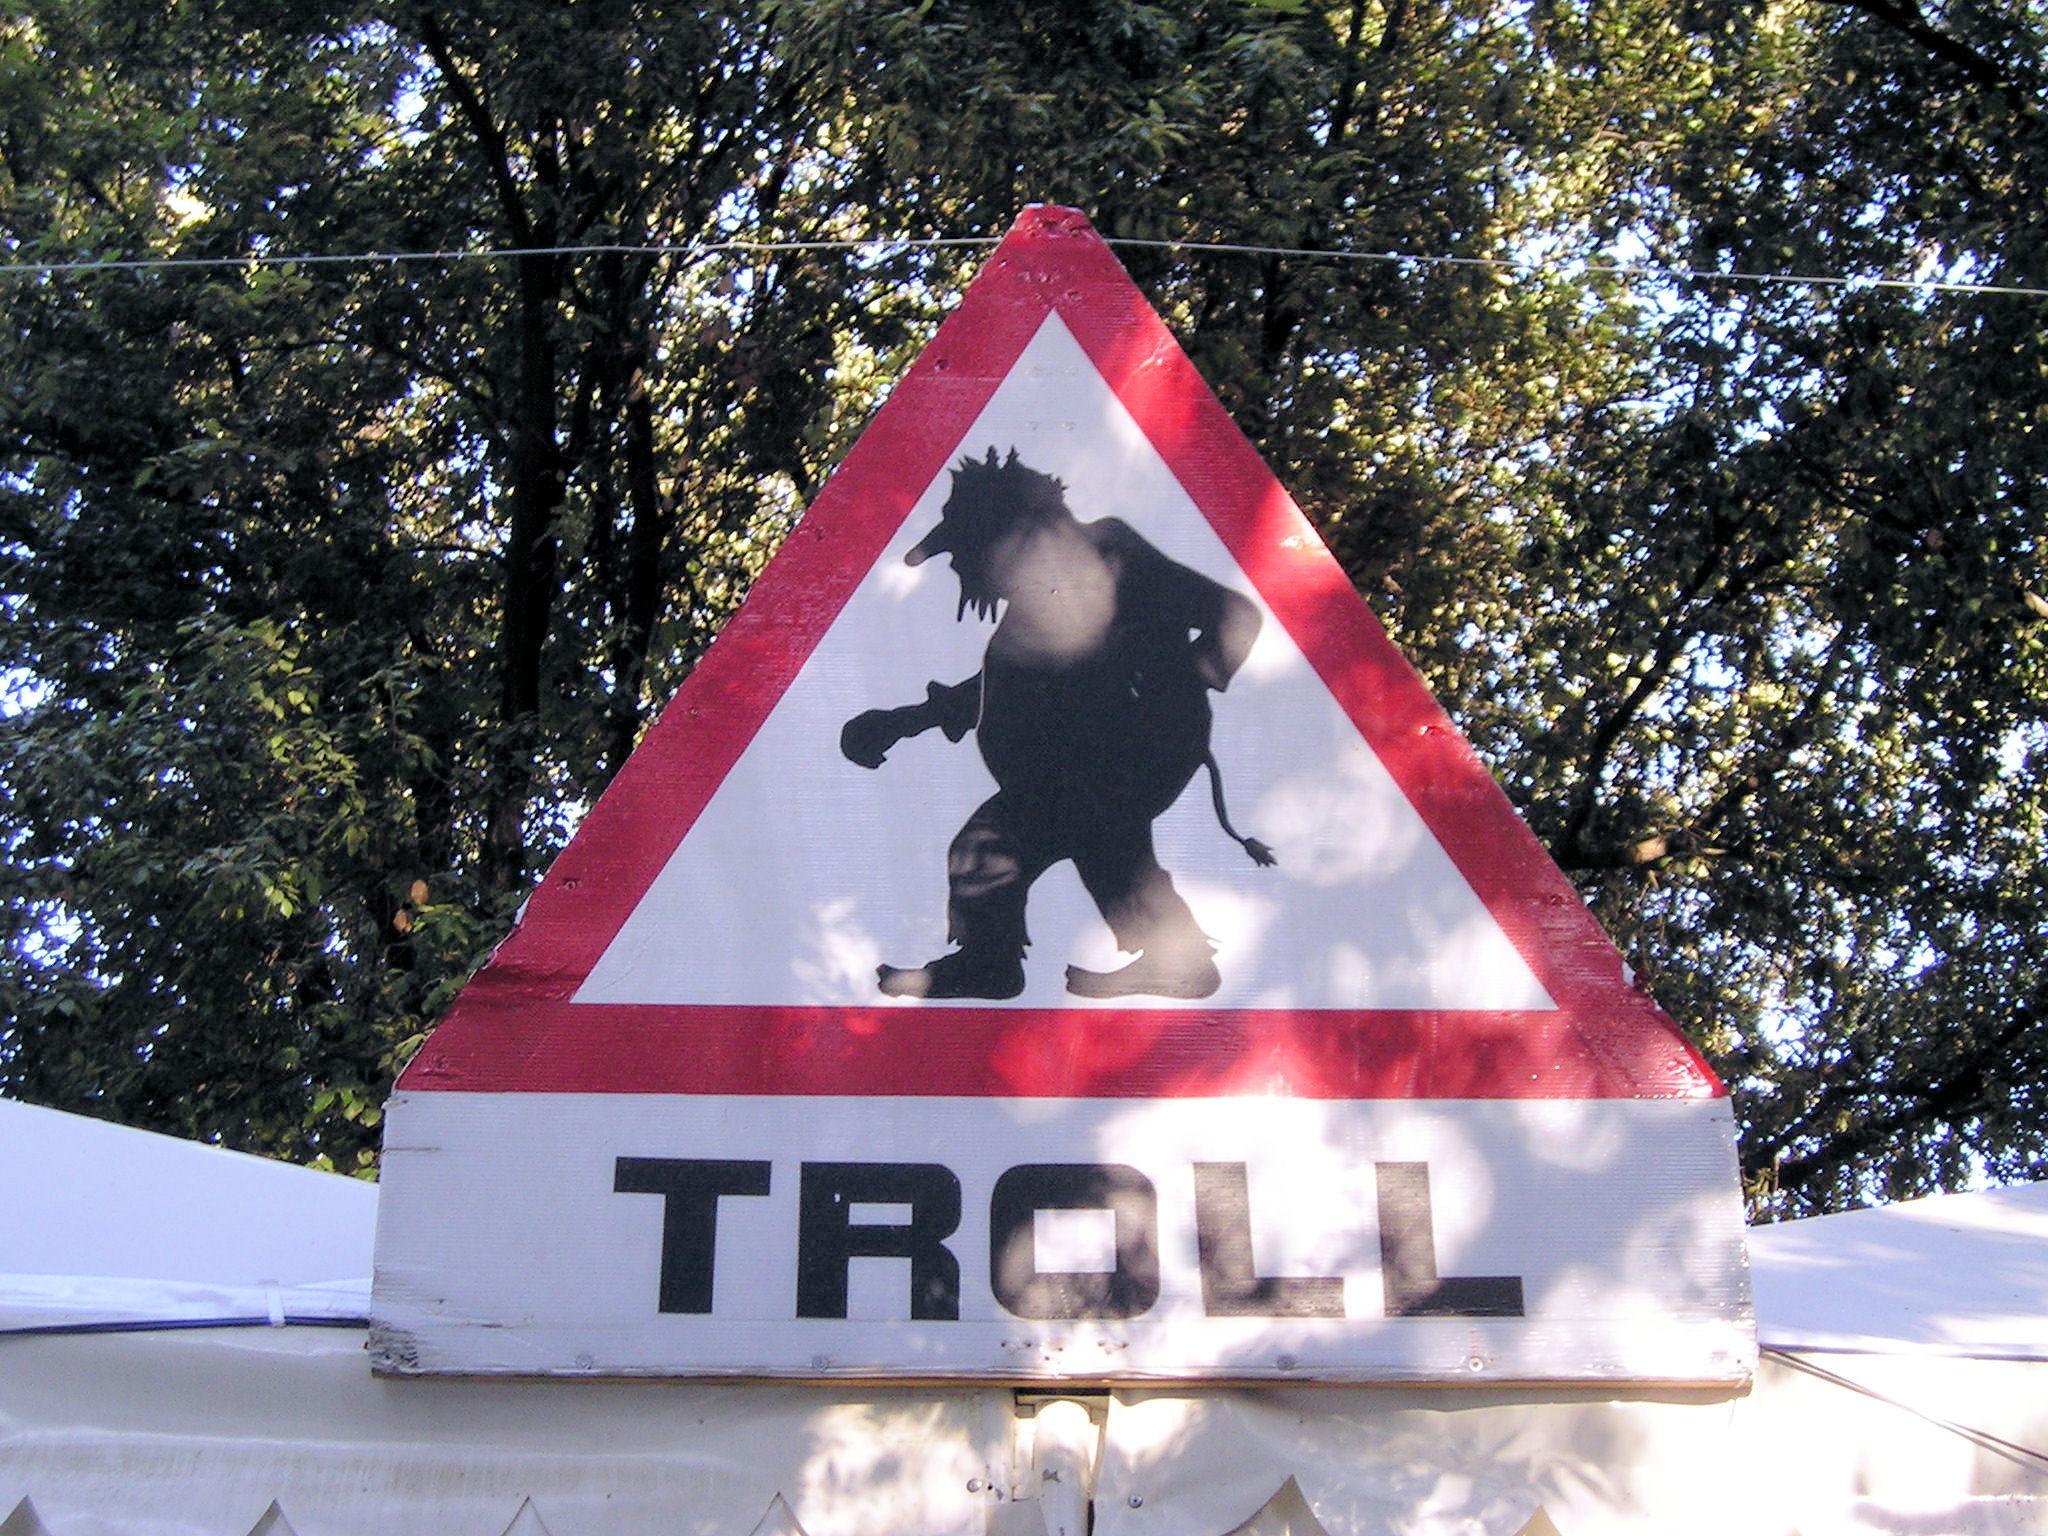 troll-warning.jpg